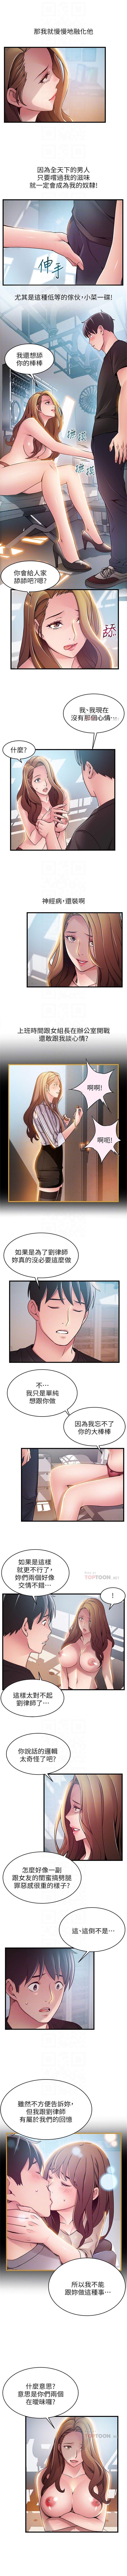 弱点 1-64 中文翻译(更新中) 323